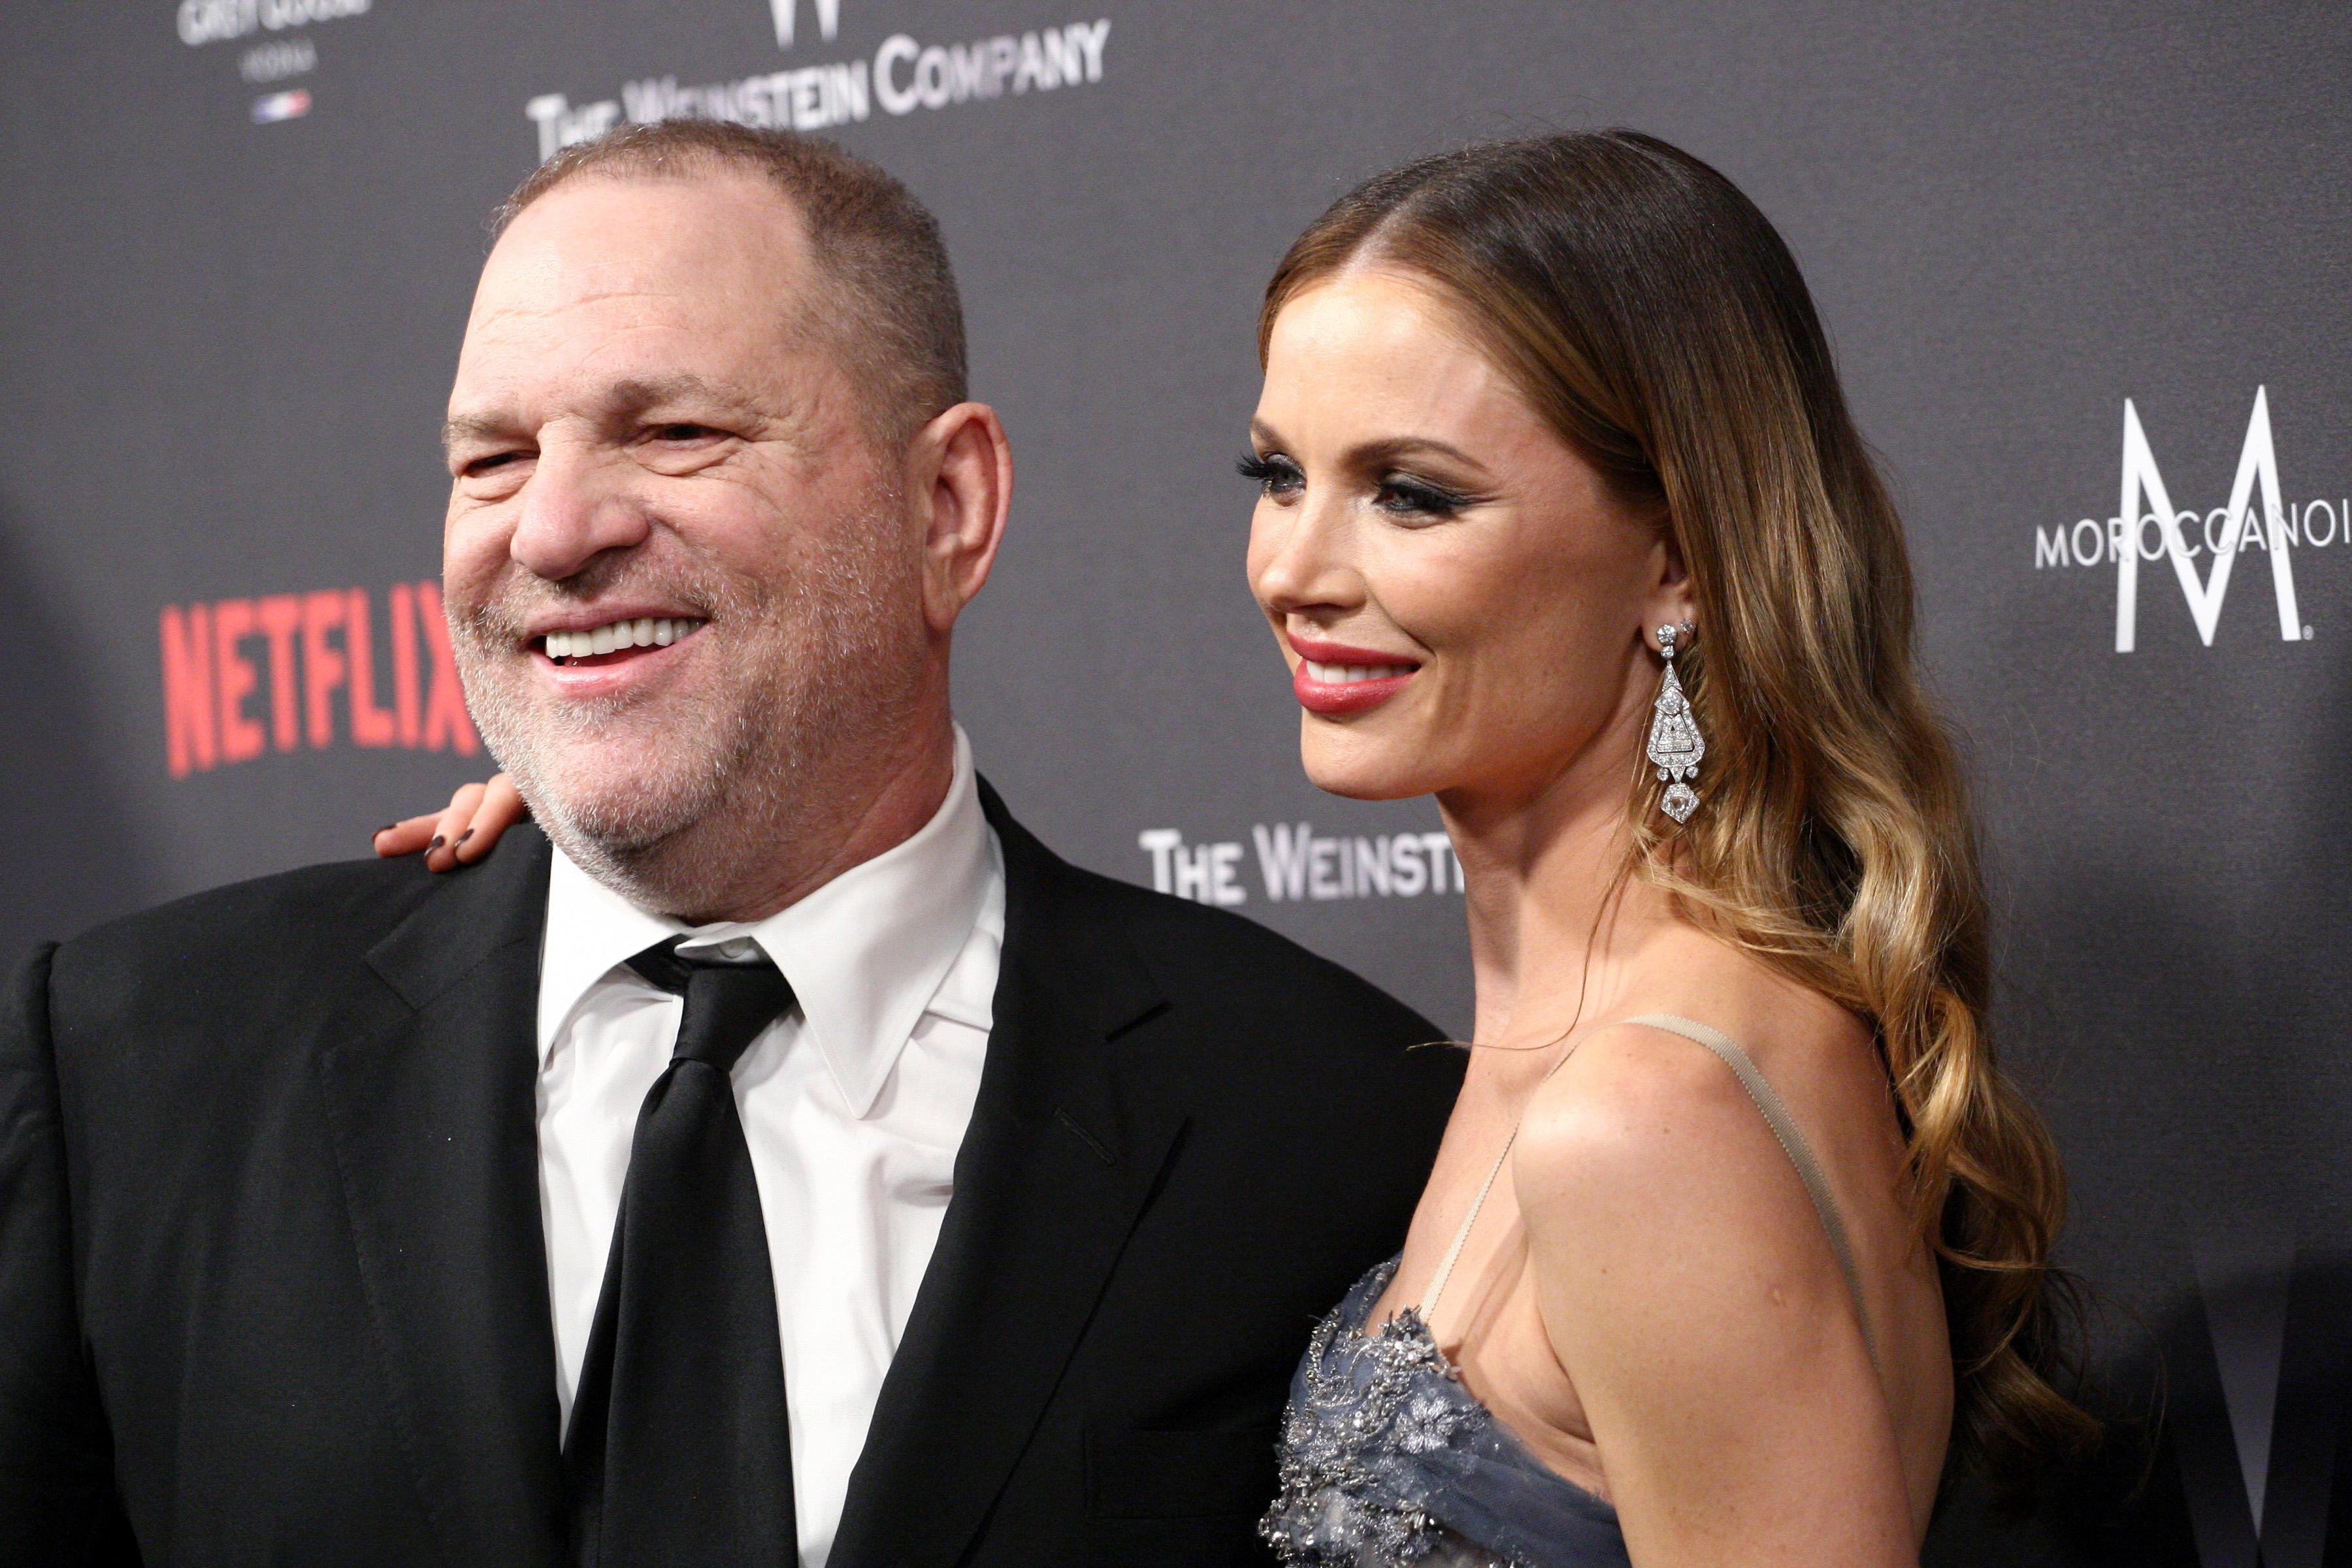 Évtizedeken át zaklathatta a nőket Hollywood egyik legmenőbb producere